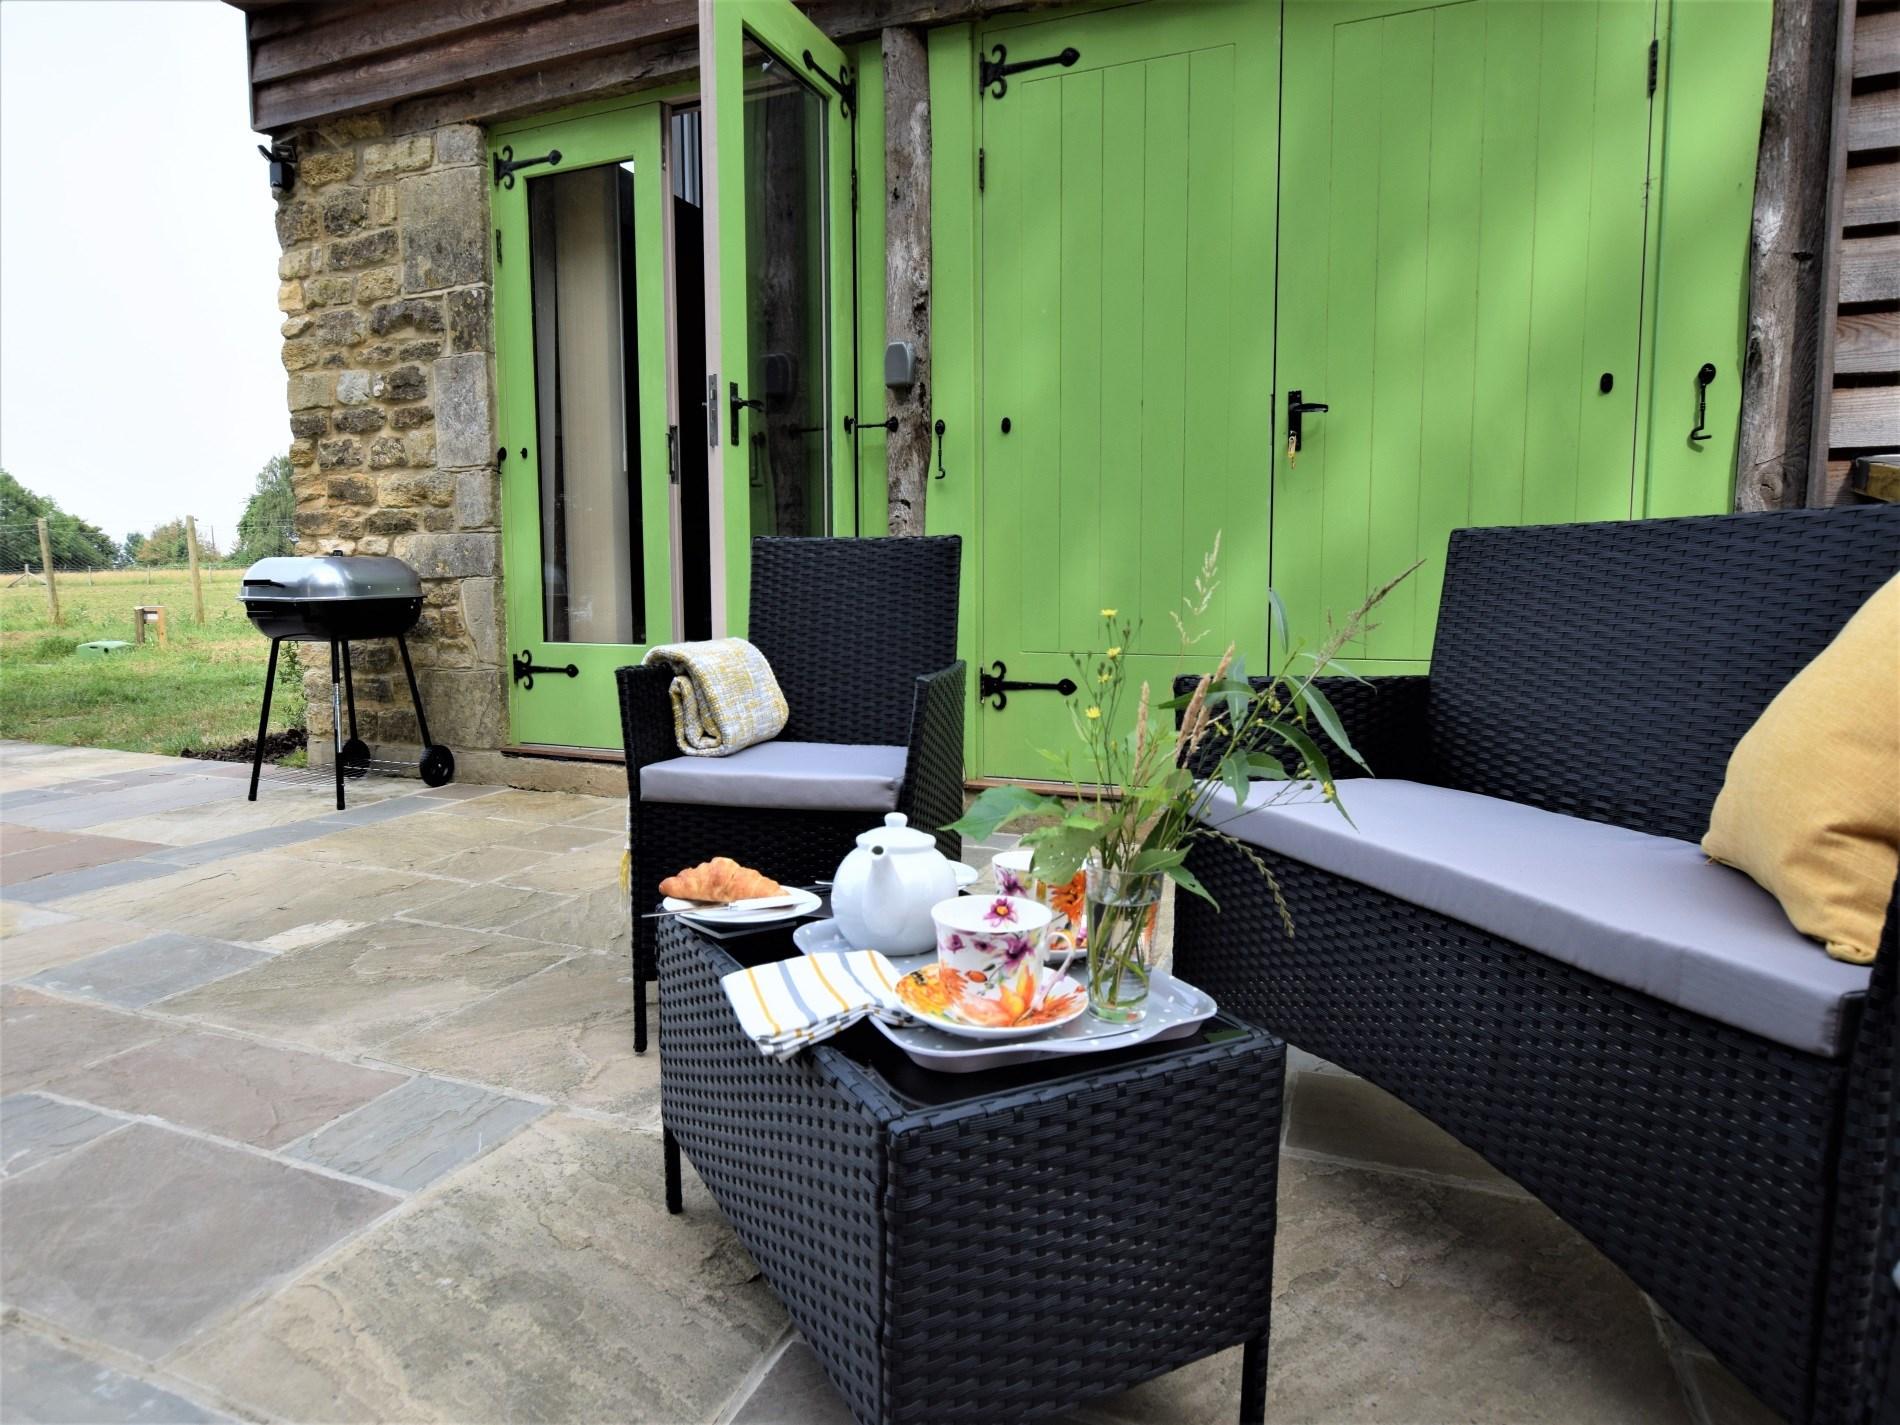 Enjoy a peaceful breakfast in the garden